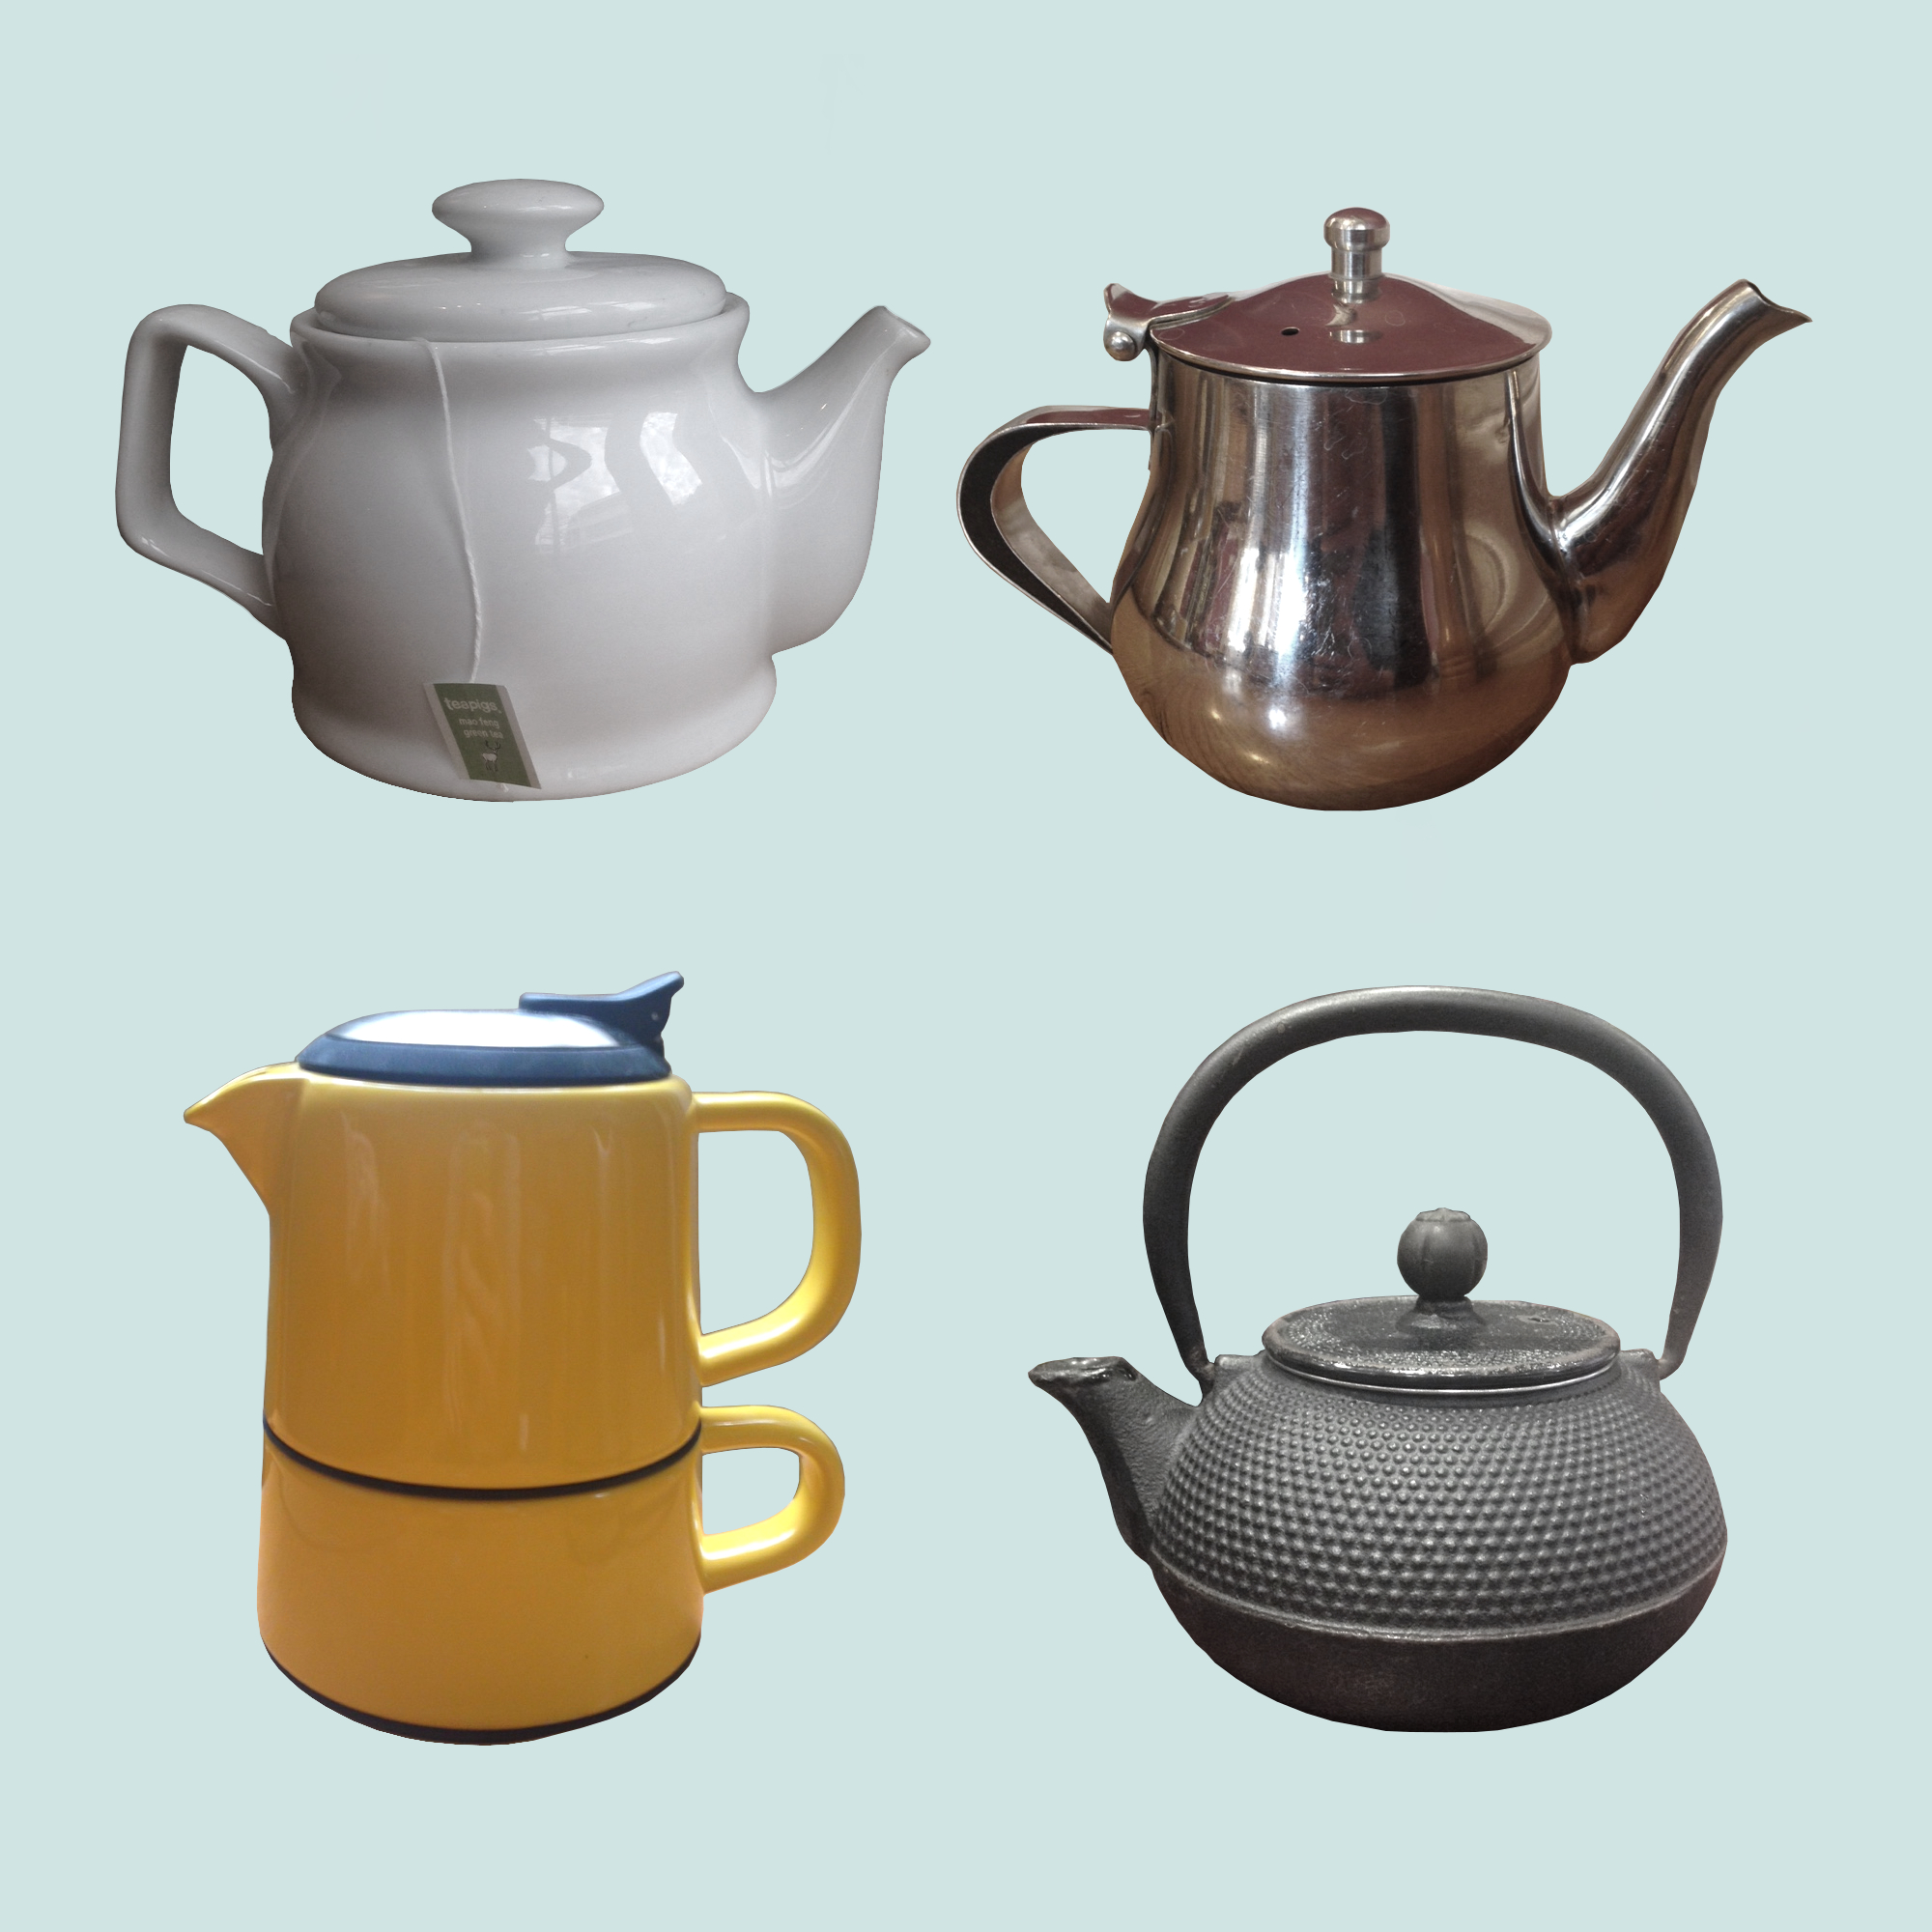 teapots2